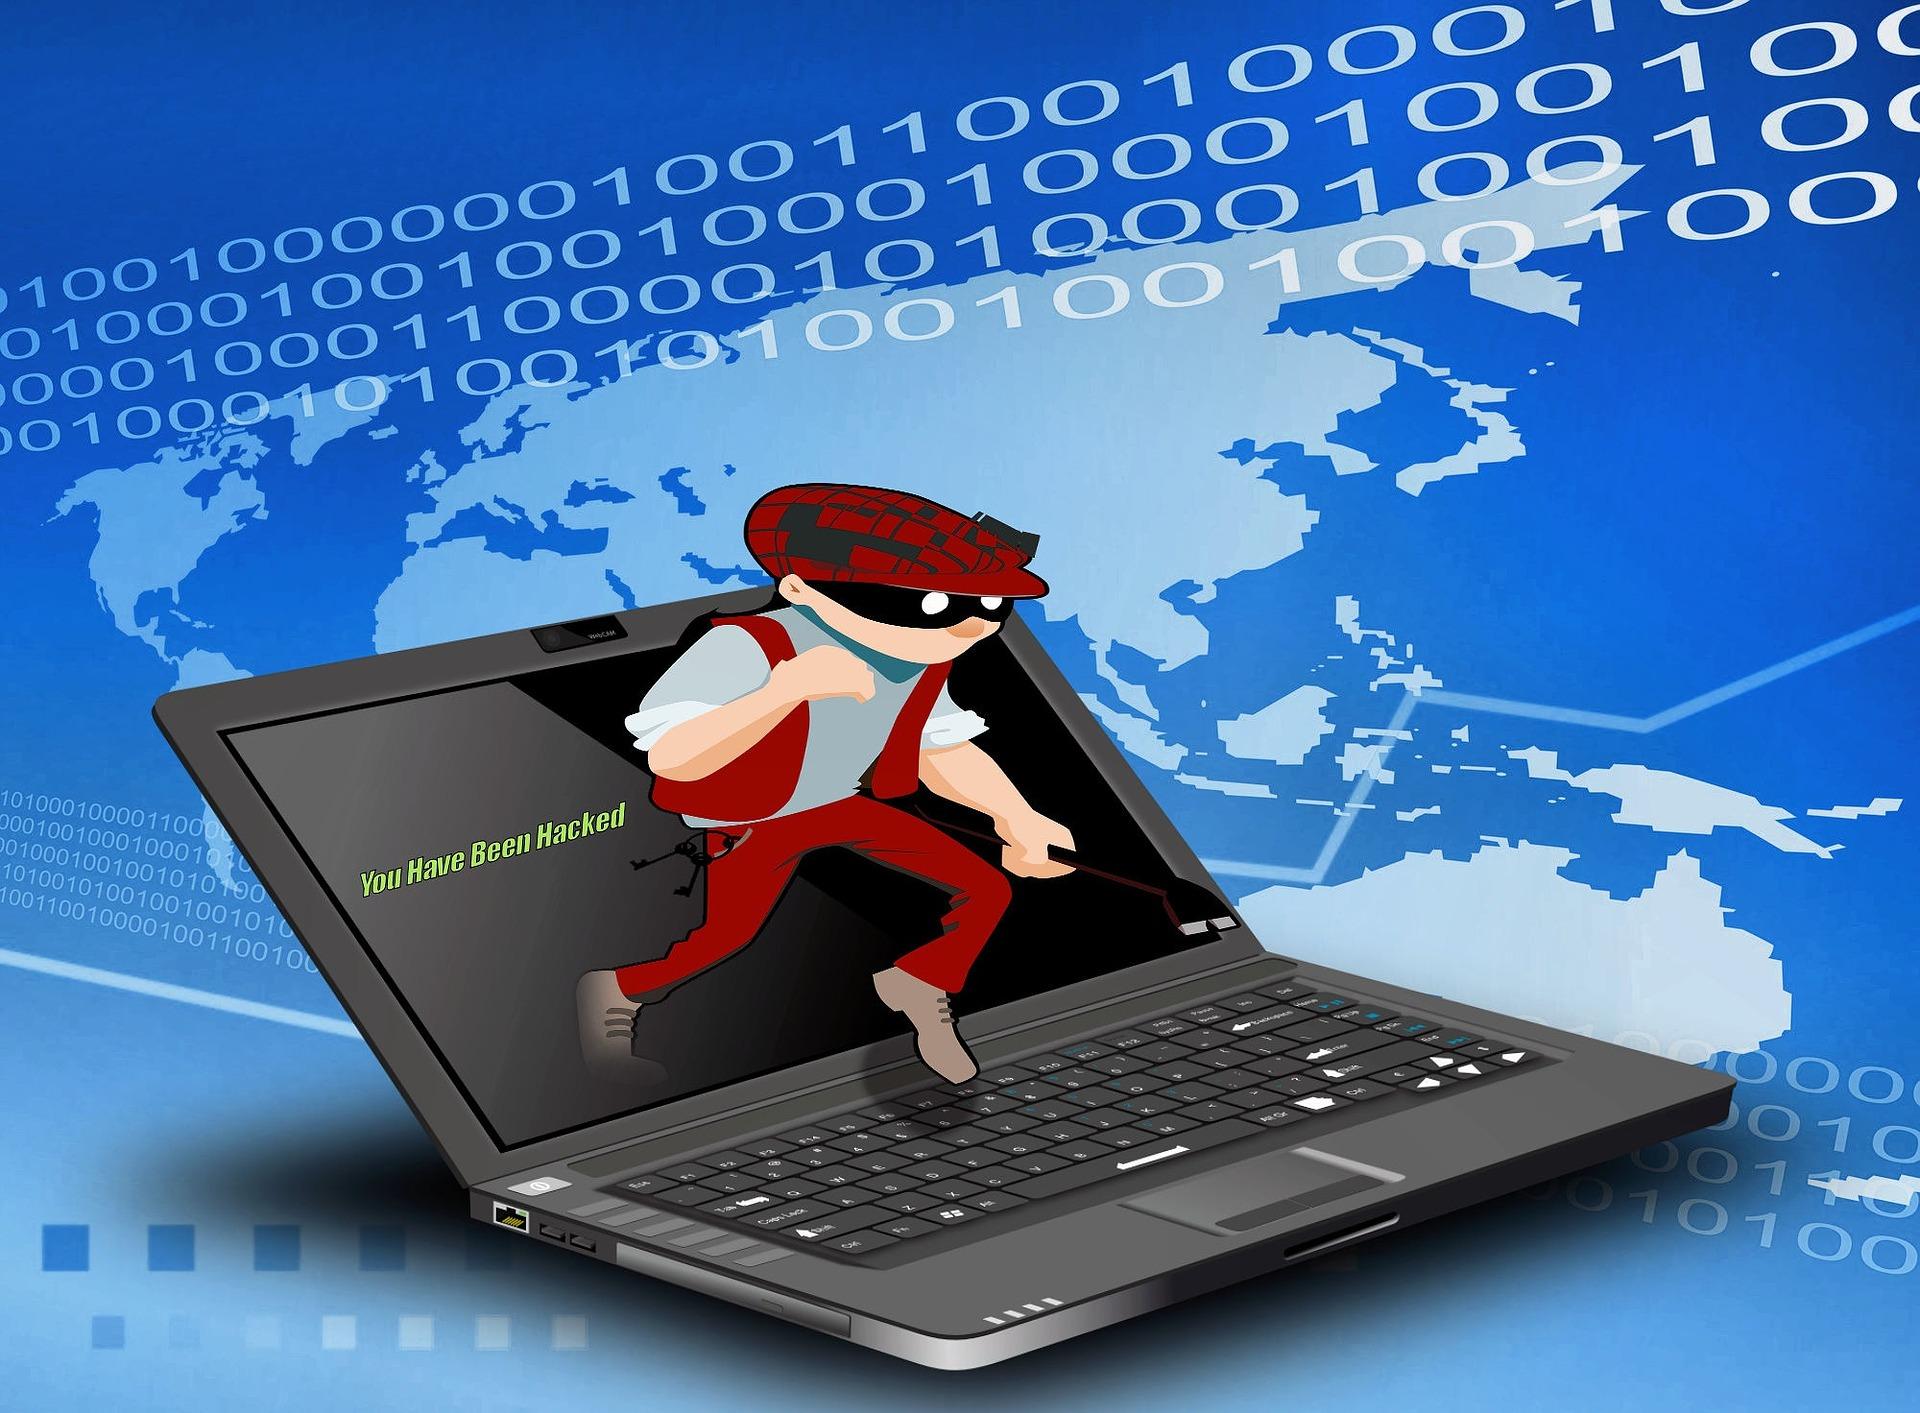 56%台企遭網攻 專家:黑客盜個資獲利4次